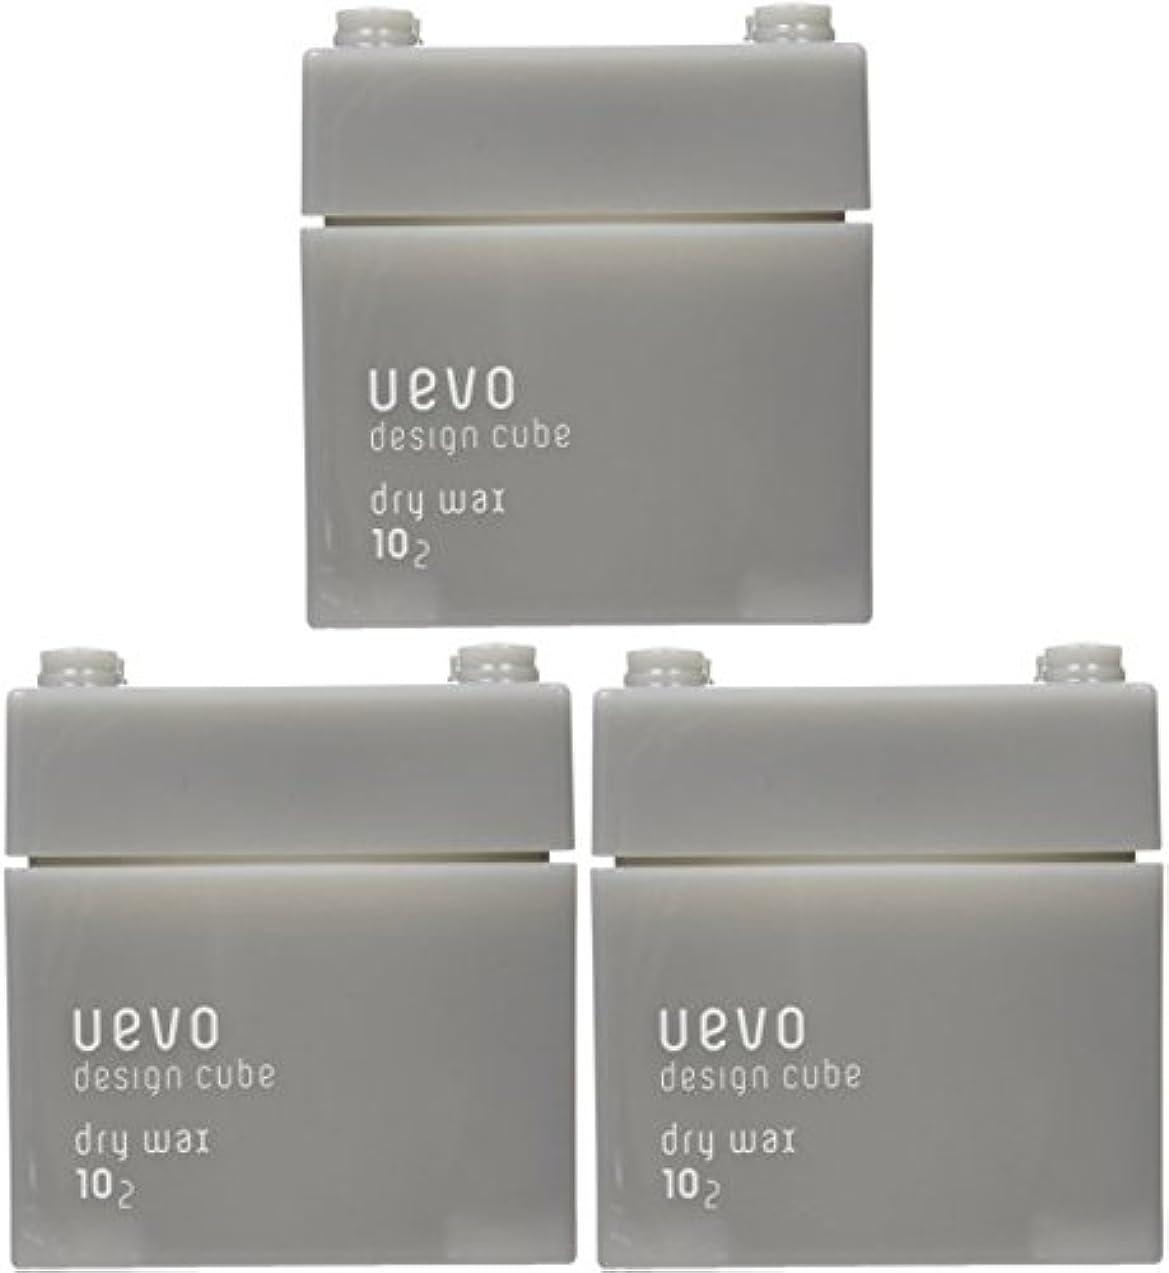 日付付き早める画像【X3個セット】 デミ ウェーボ デザインキューブ ドライワックス 80g dry wax DEMI uevo design cube